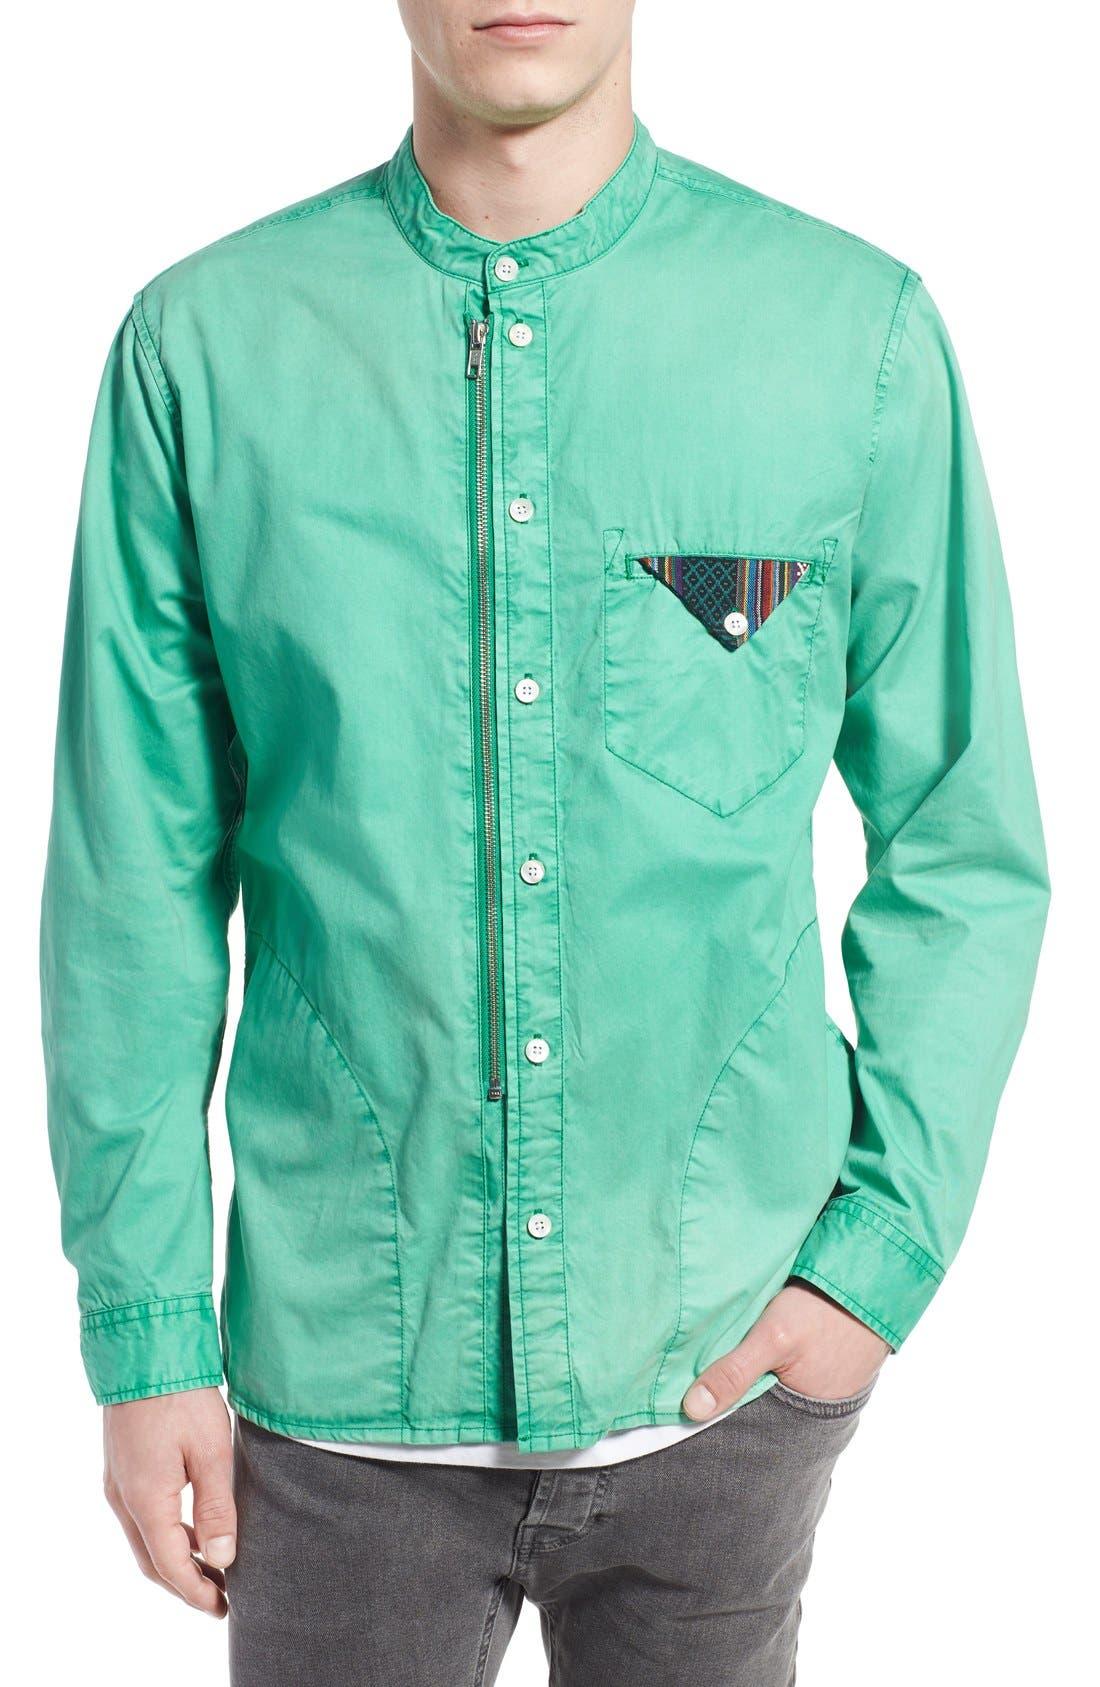 PRPS 'Cotinga' Extra Trim Fit Band Collar Woven Shirt